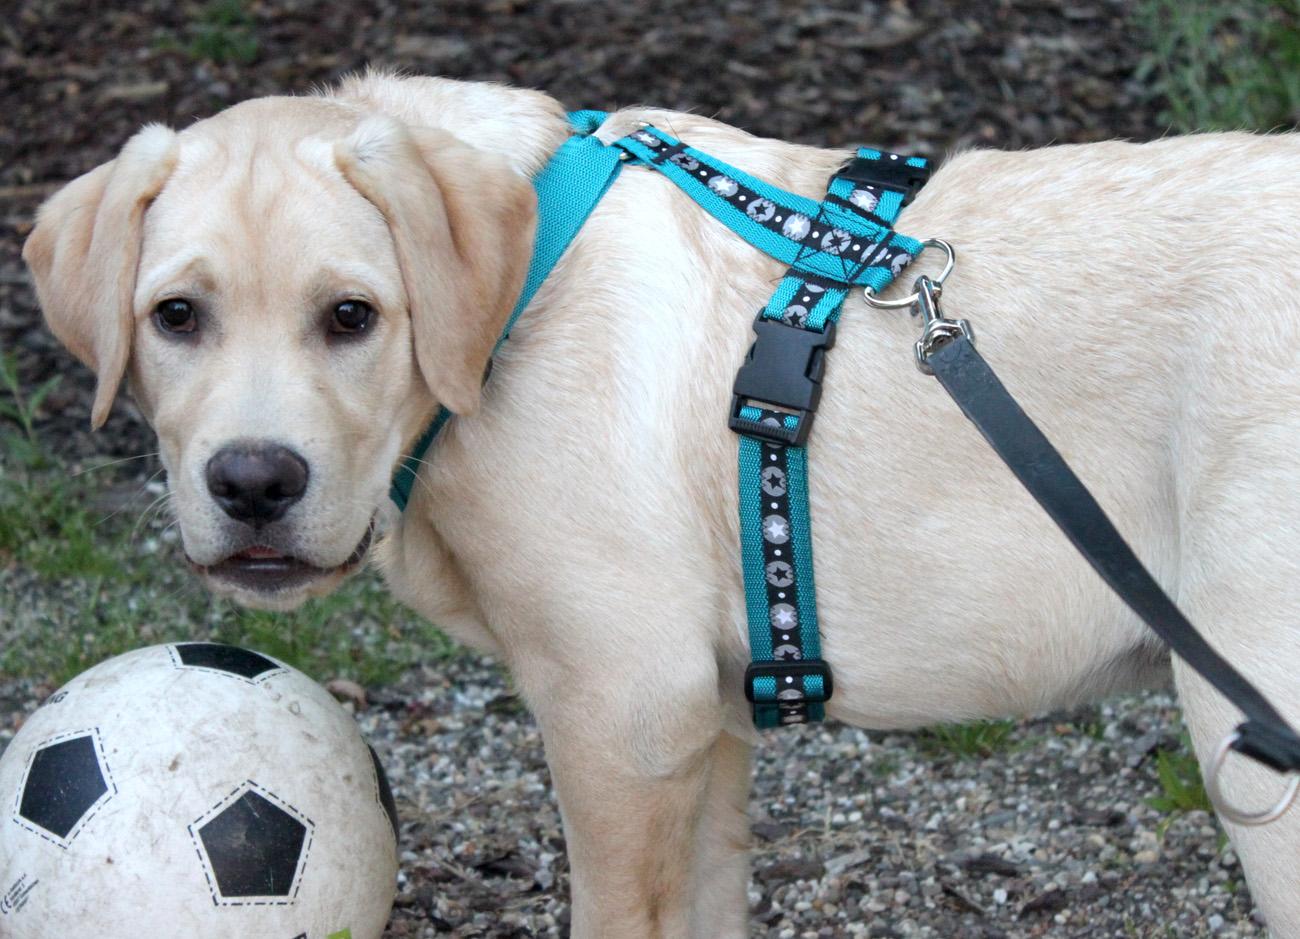 Nähen für den Hund: ein Hundegeschirr - Pepelinchen - Der Nähblog